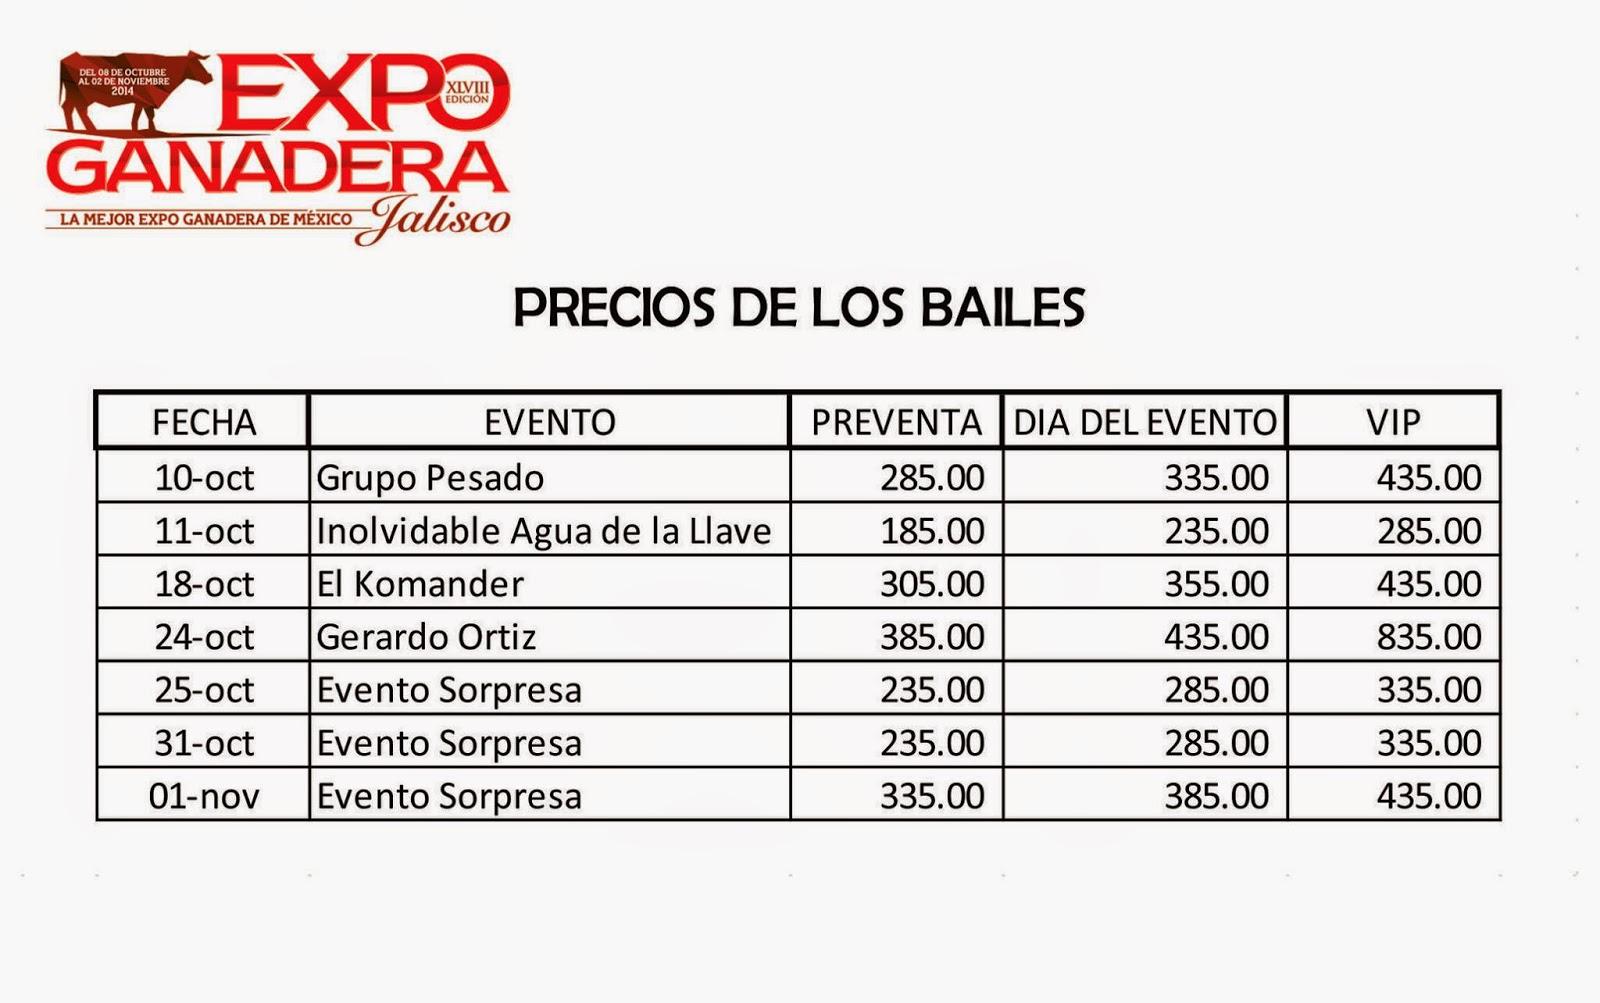 precio de boletos expo ganadera jalisco 2014